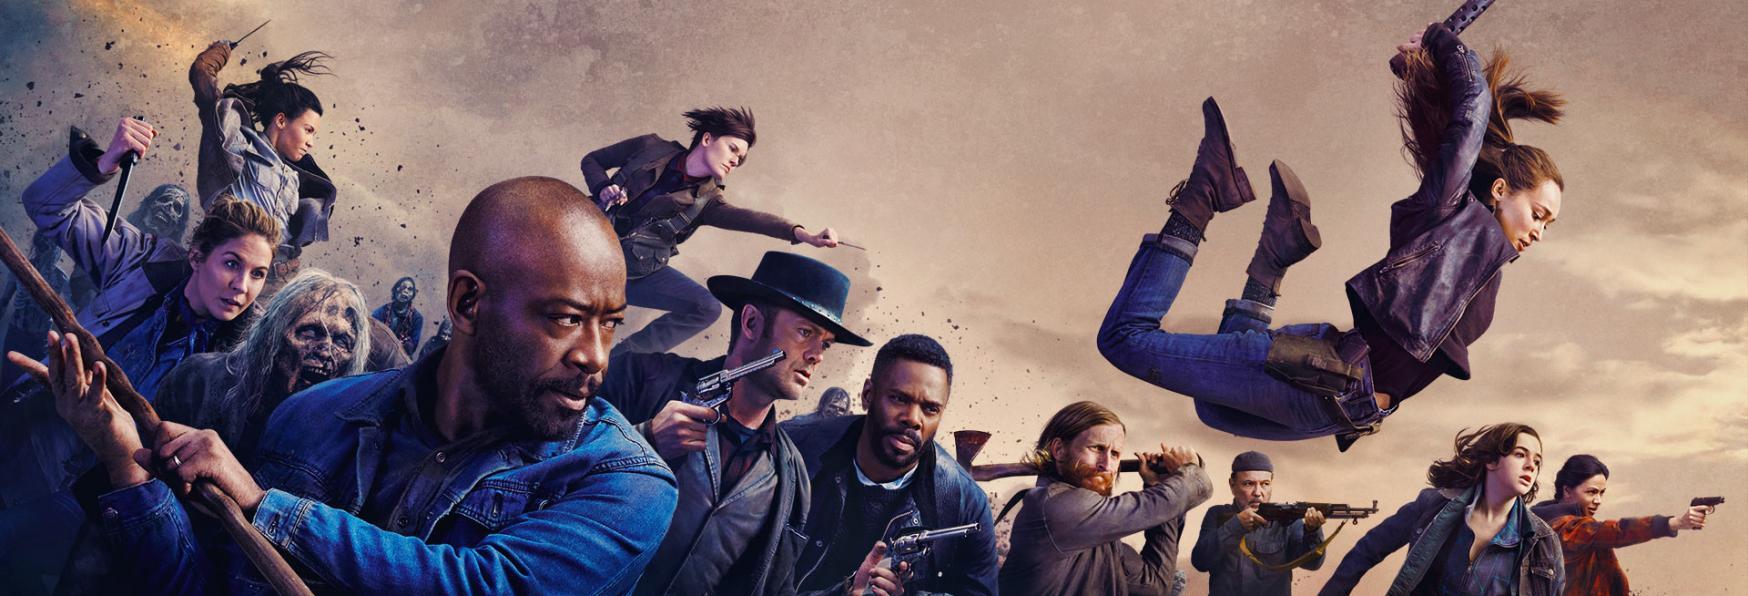 The Walking Dead: I Creatori del nuovo Spin-off spiegano le Differenze principali